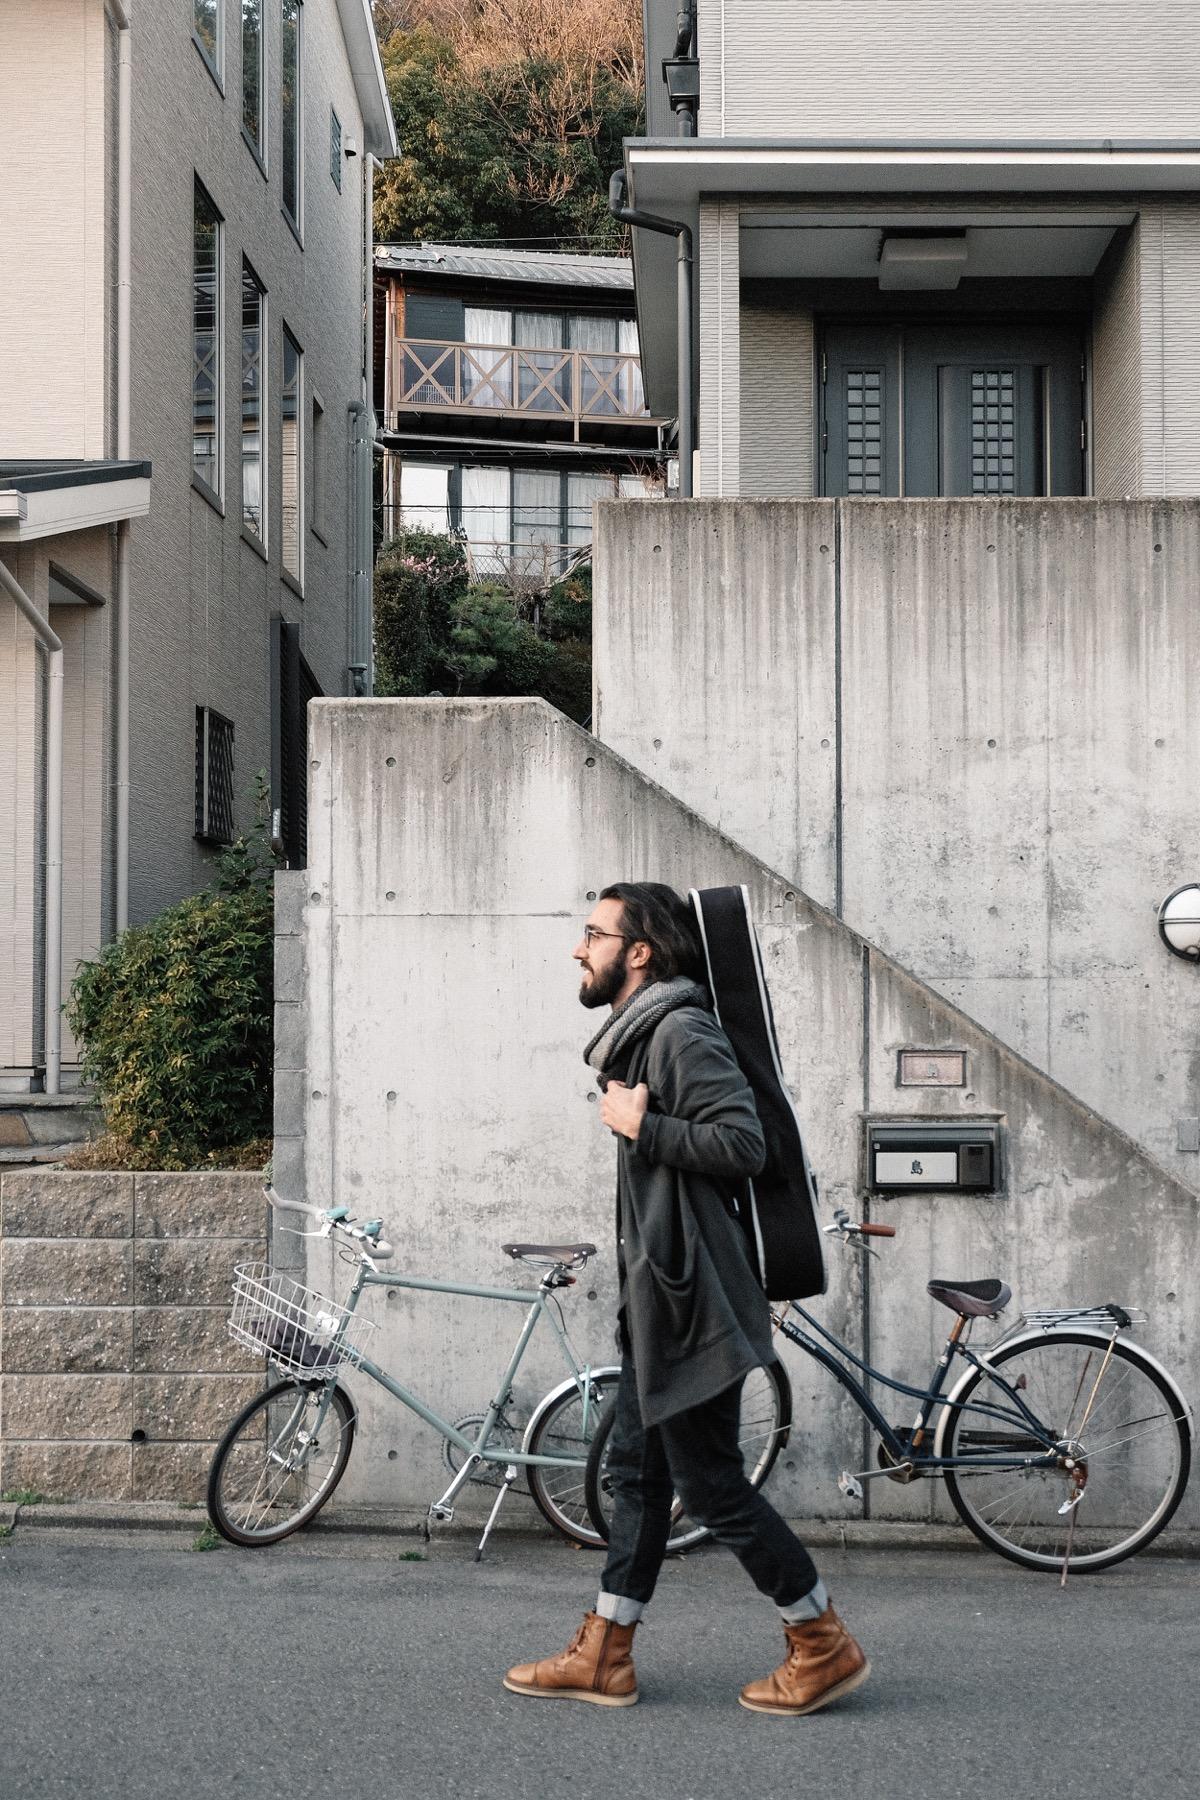 Kinlake-Kyoto-Lifestyle-2018-7029